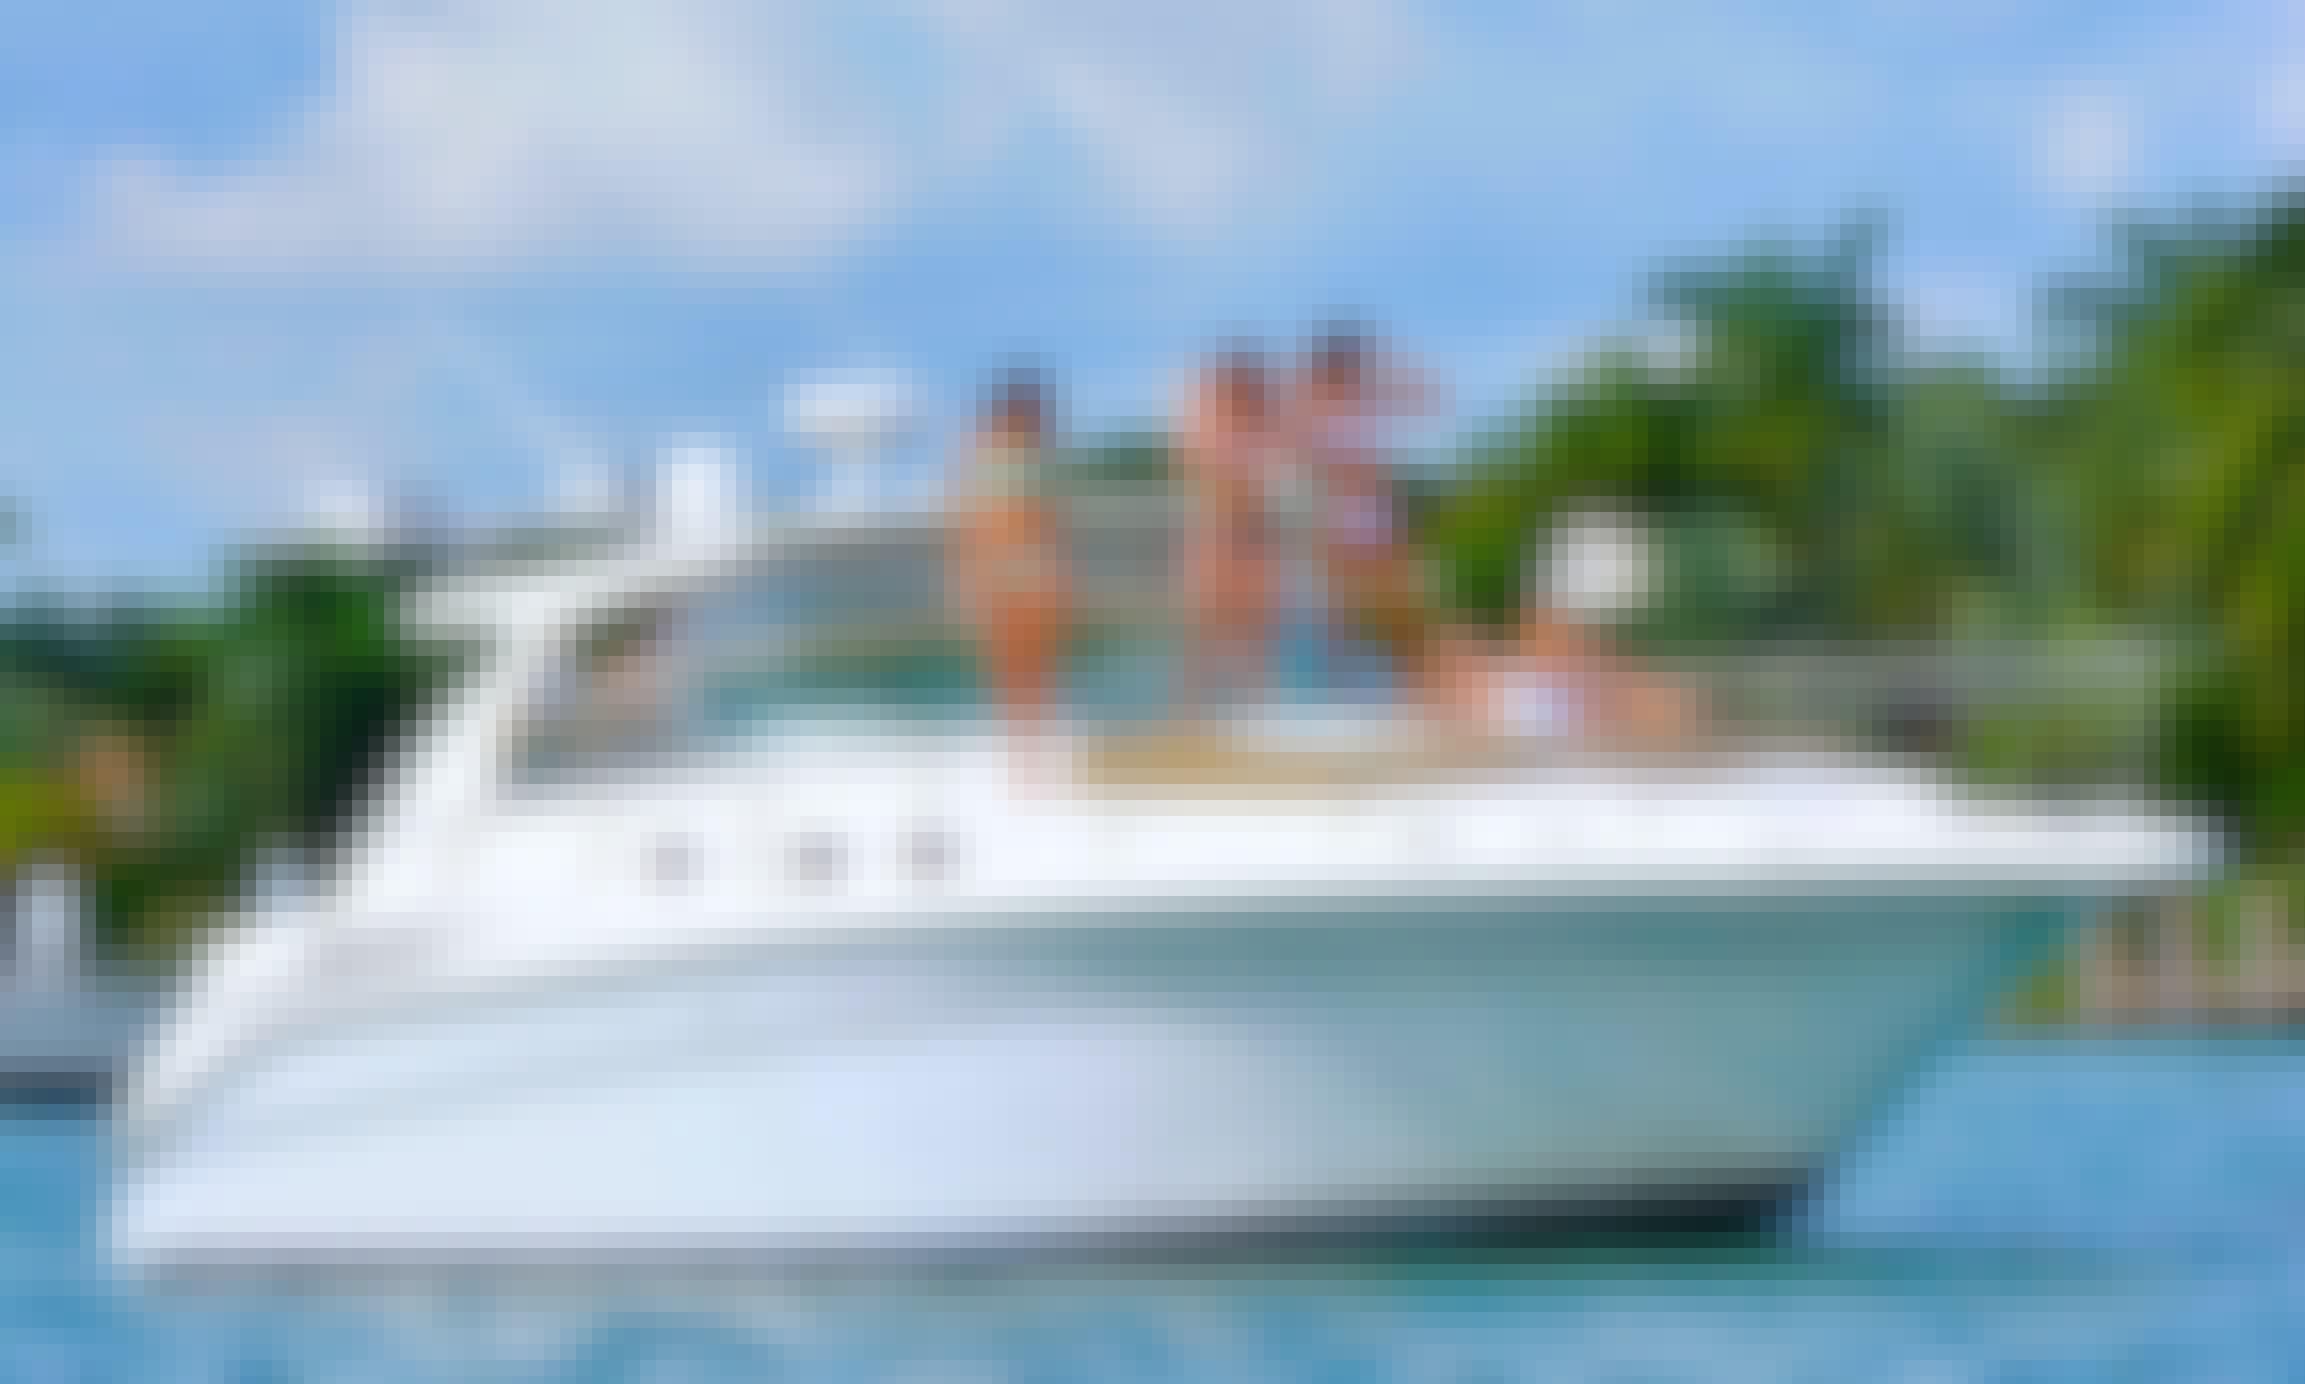 Miami Yacht Charters - 45' SEA RAY - Miami, Florida Keys, The Bahamas!